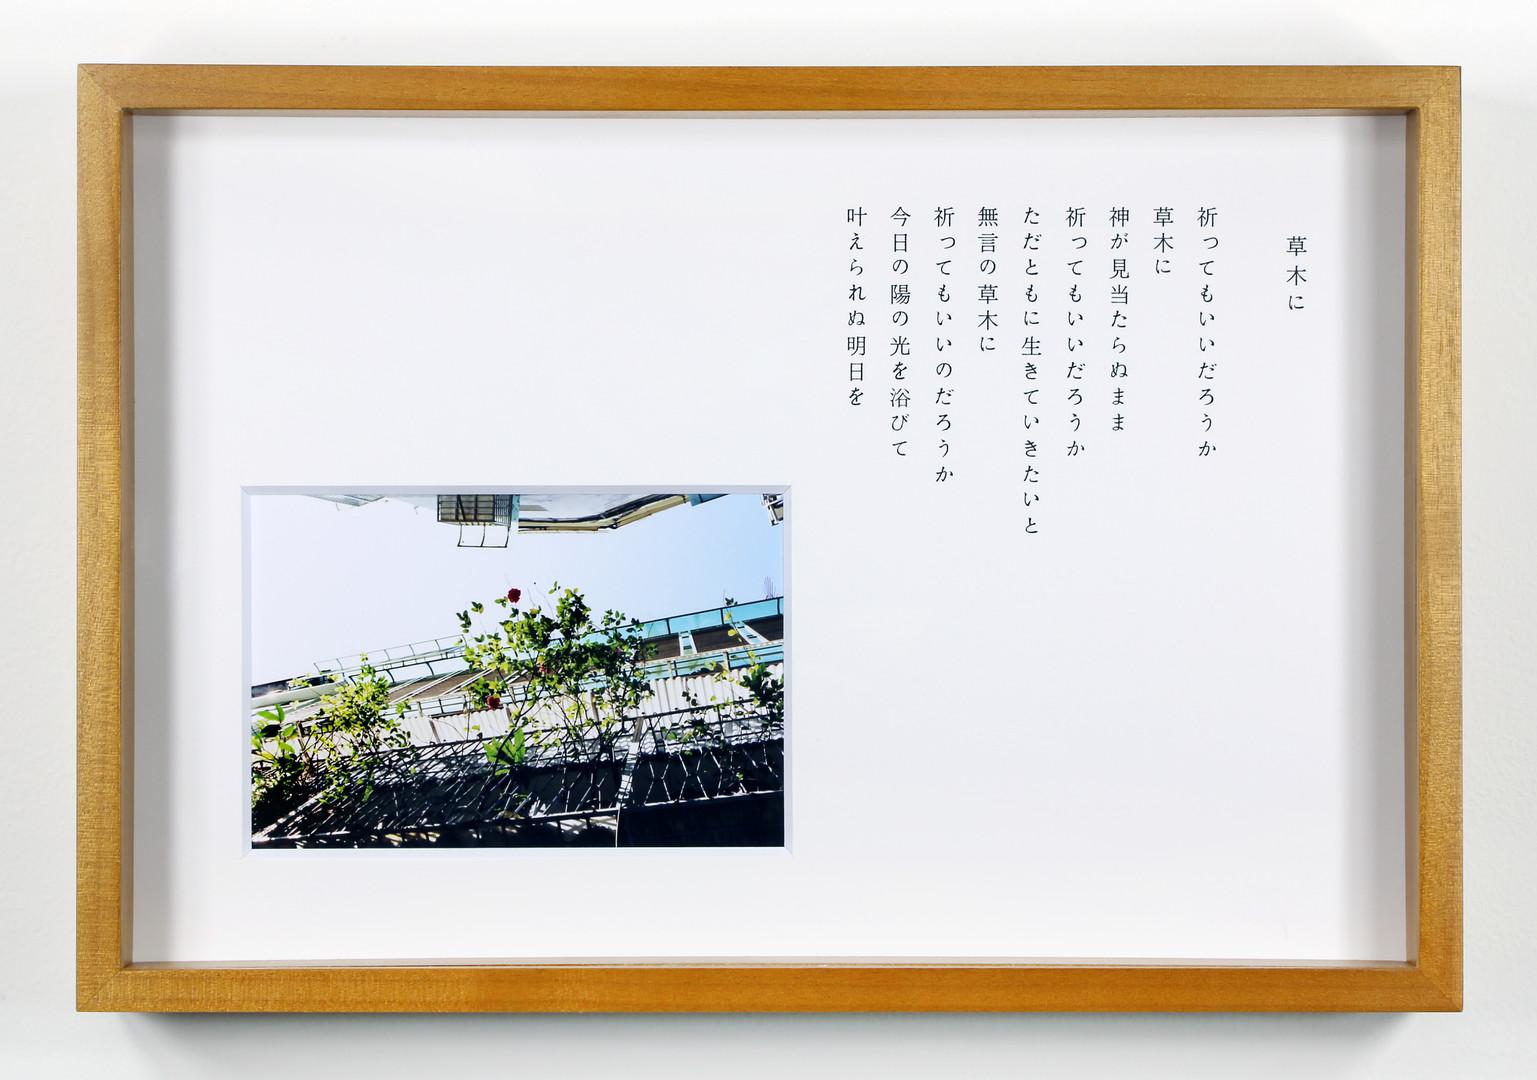 川島 小鳥 + 谷川 俊太郎 / Kotori Kawashima + Shuntaro Tanikawa